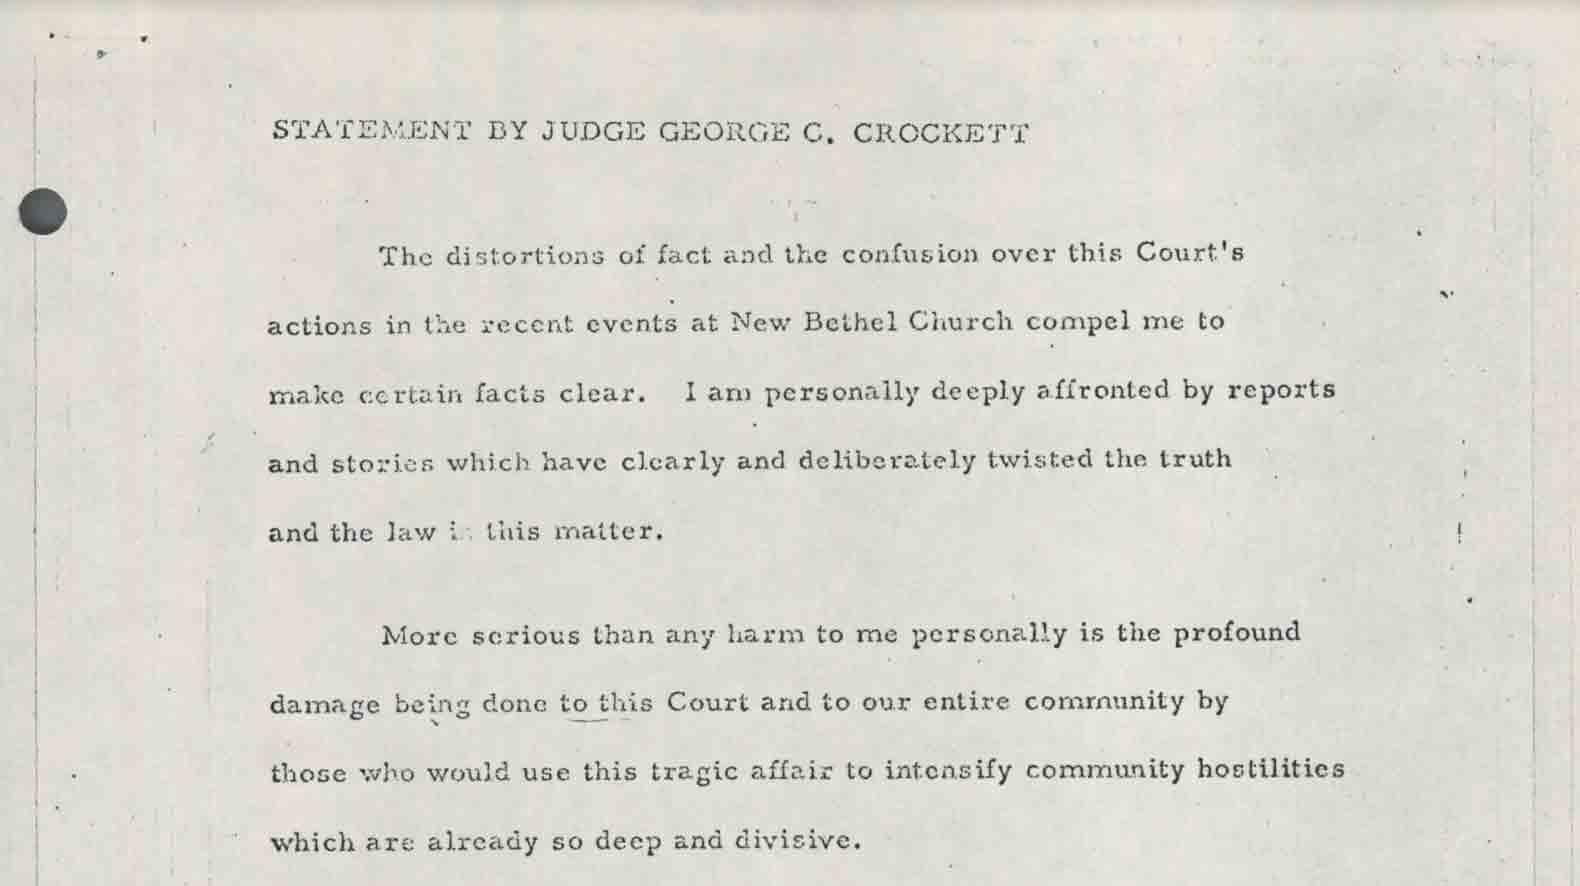 Statement by Judge George C. Crockett